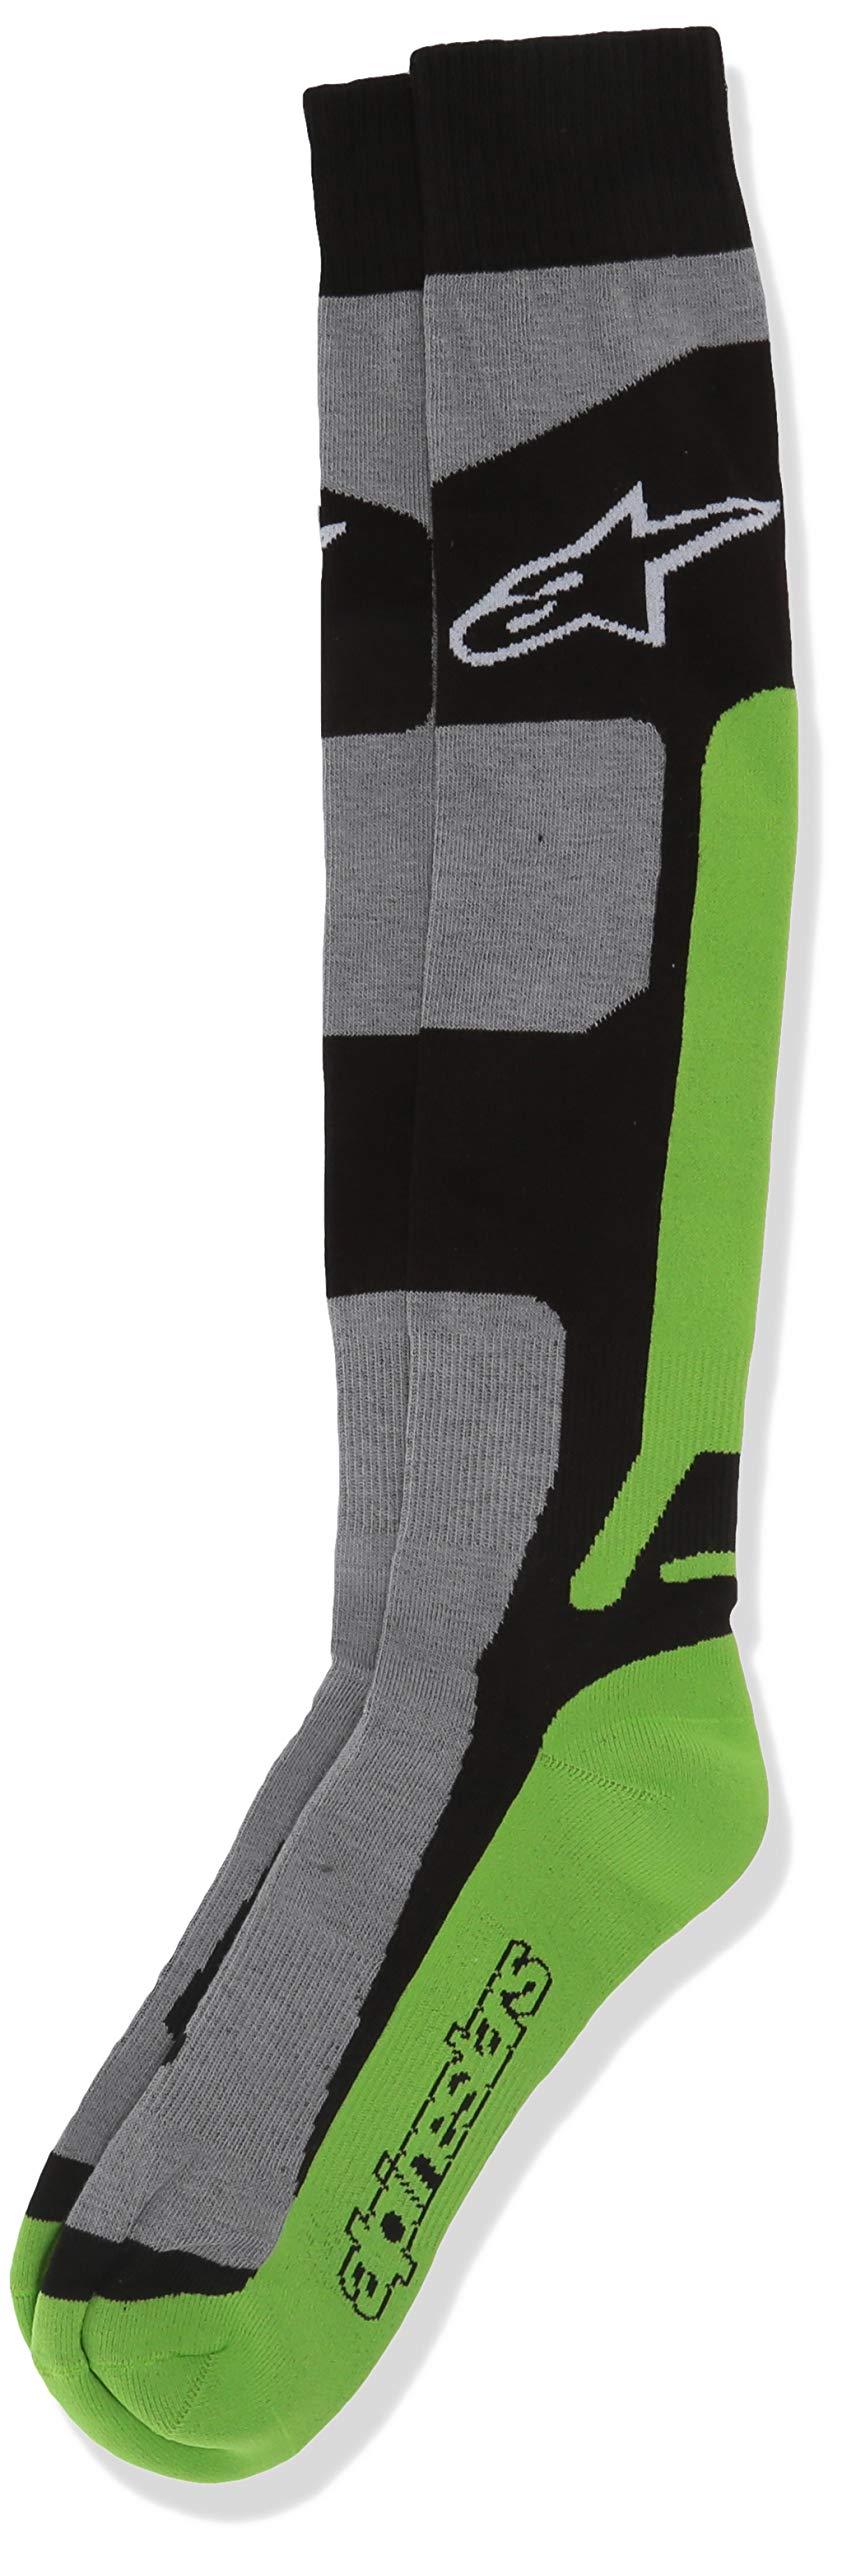 Alpinestars Men's 4702114-916-LXL Sock (Coolmax) (Green, X-Large), Large/X-Large by Alpinestars